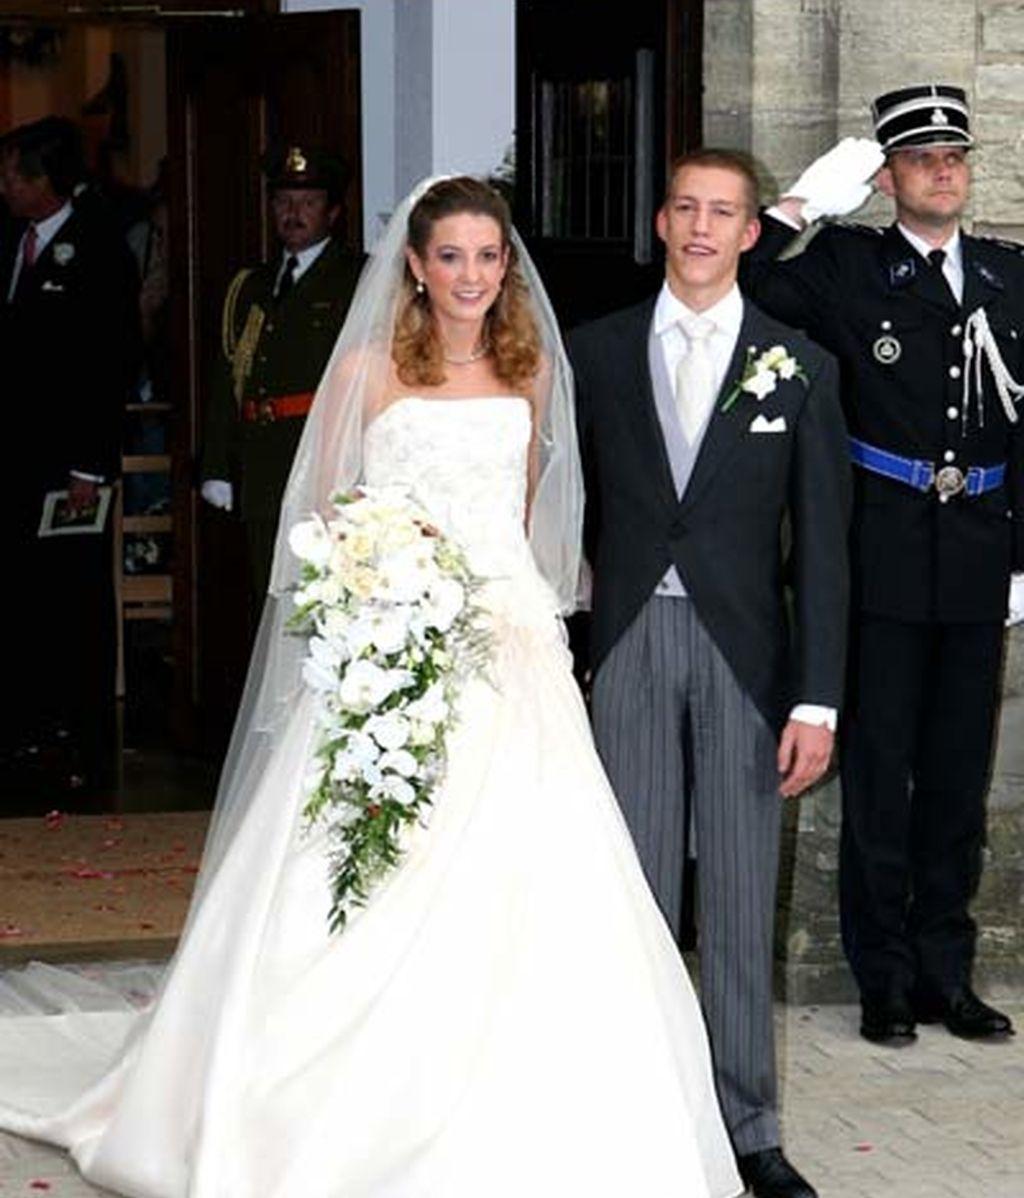 29-09-2006 Jessy Anthony y el príncipe Luis de Luxemburgo